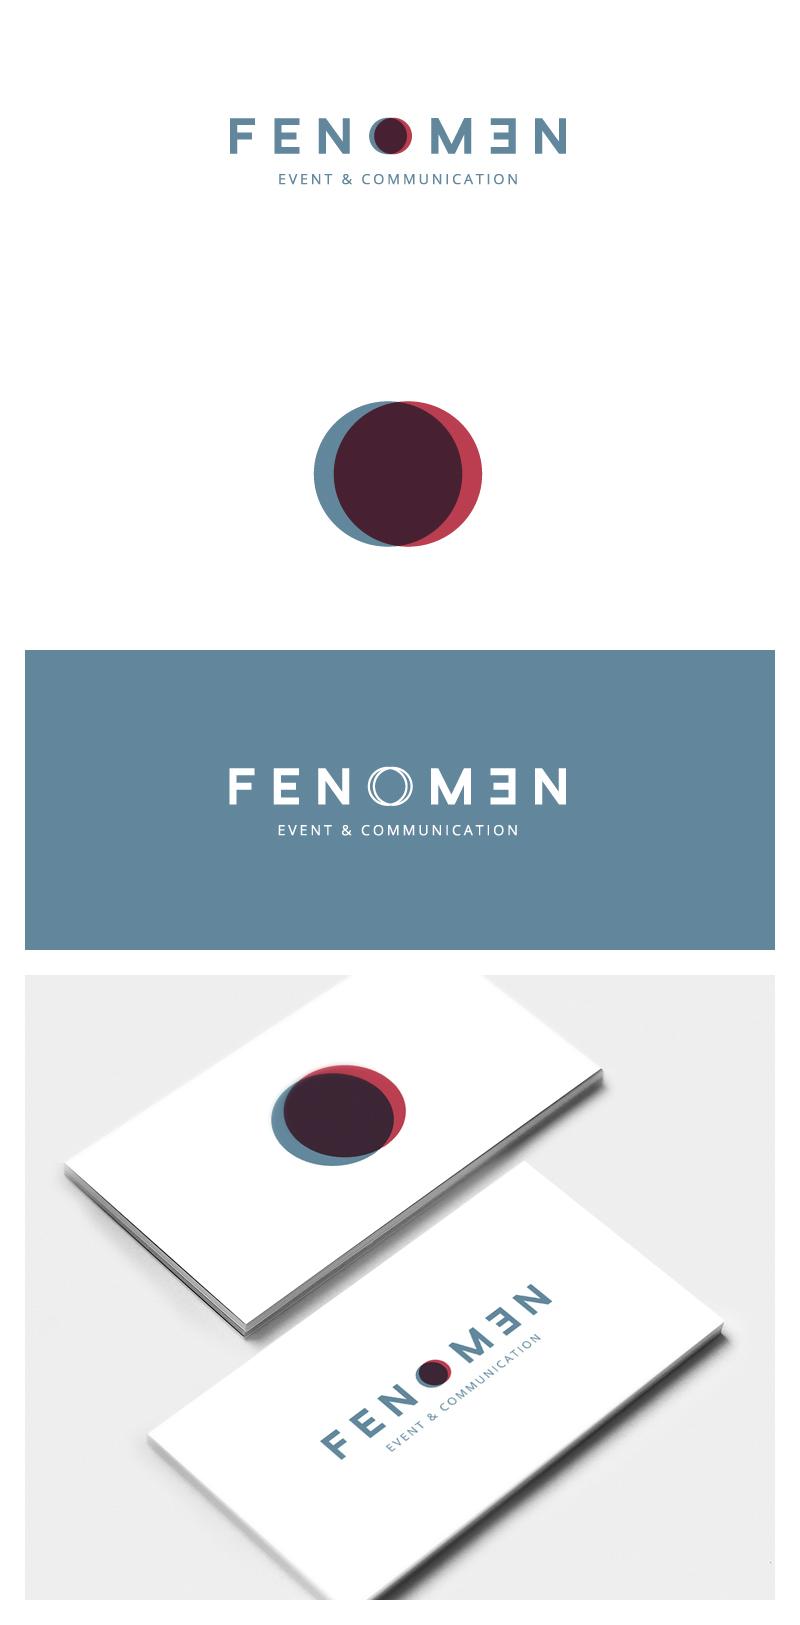 Fenomen - event agency